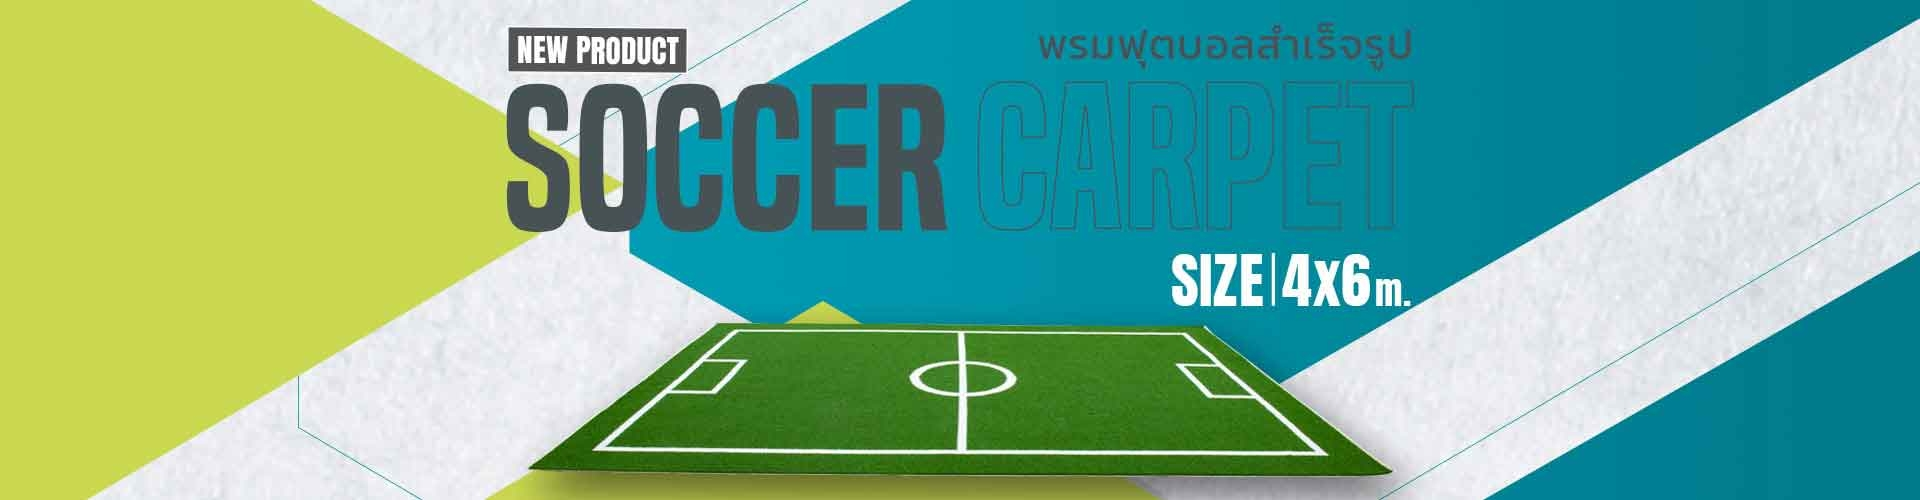 Soccer Carpet 4x6